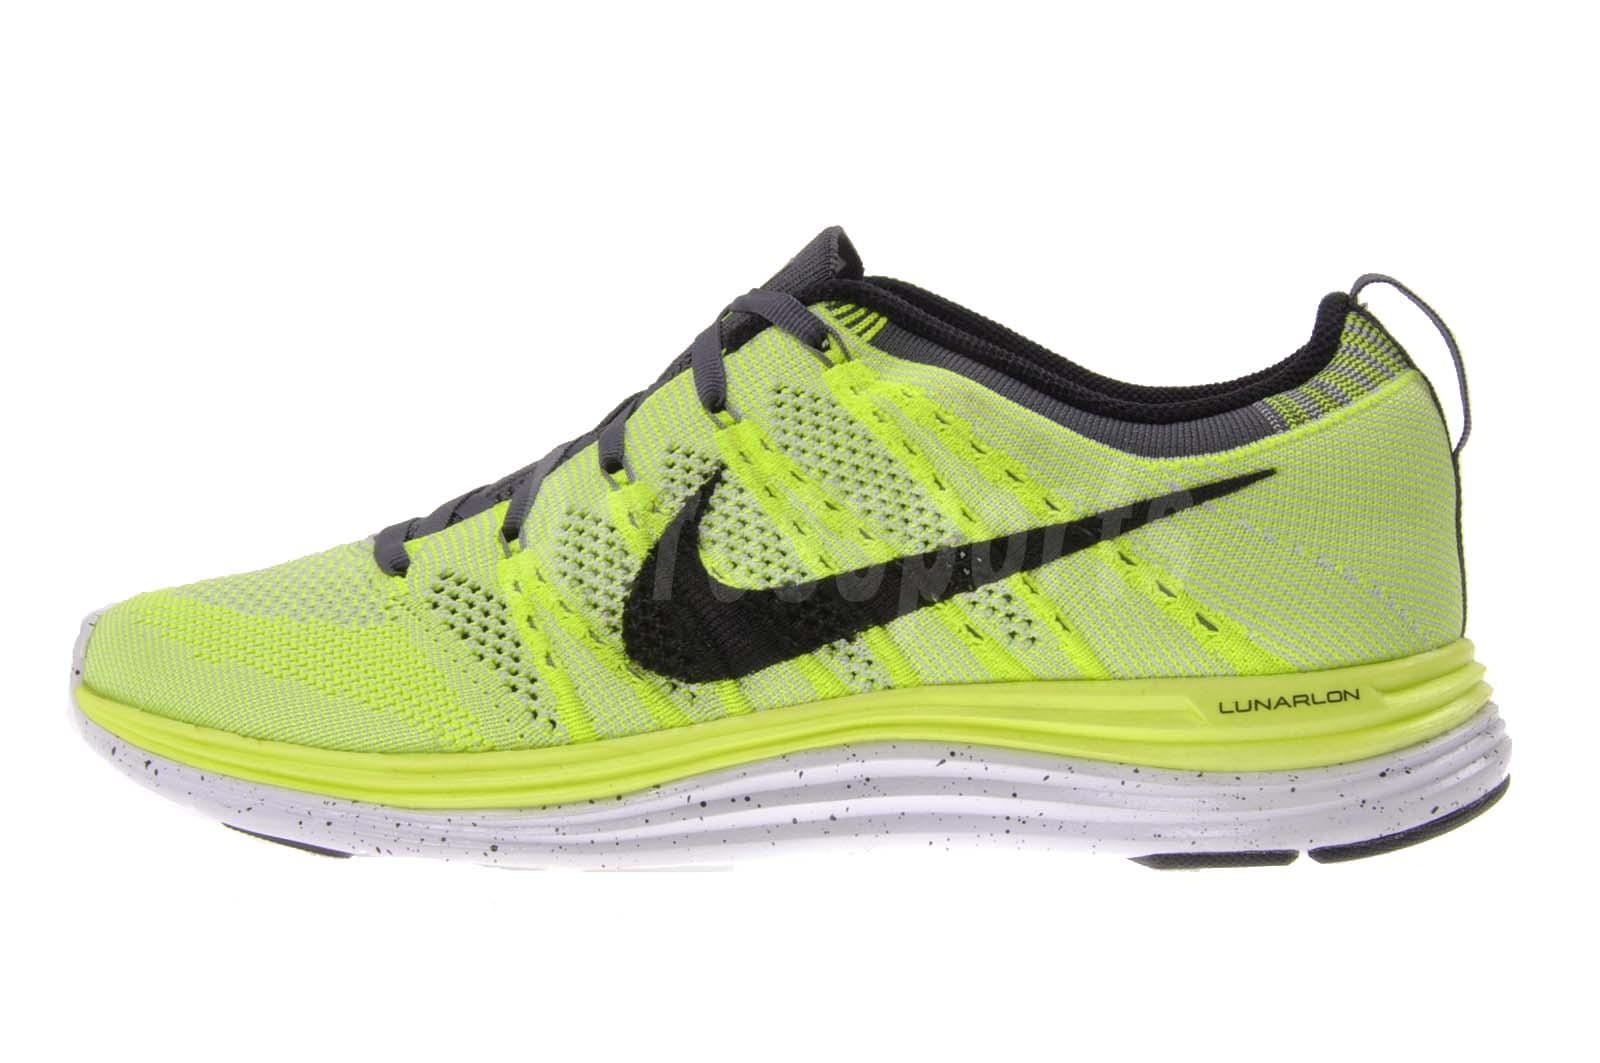 Nike Flyknit One+ Mens Lunar 1 Lunarlon New Lightweight ...